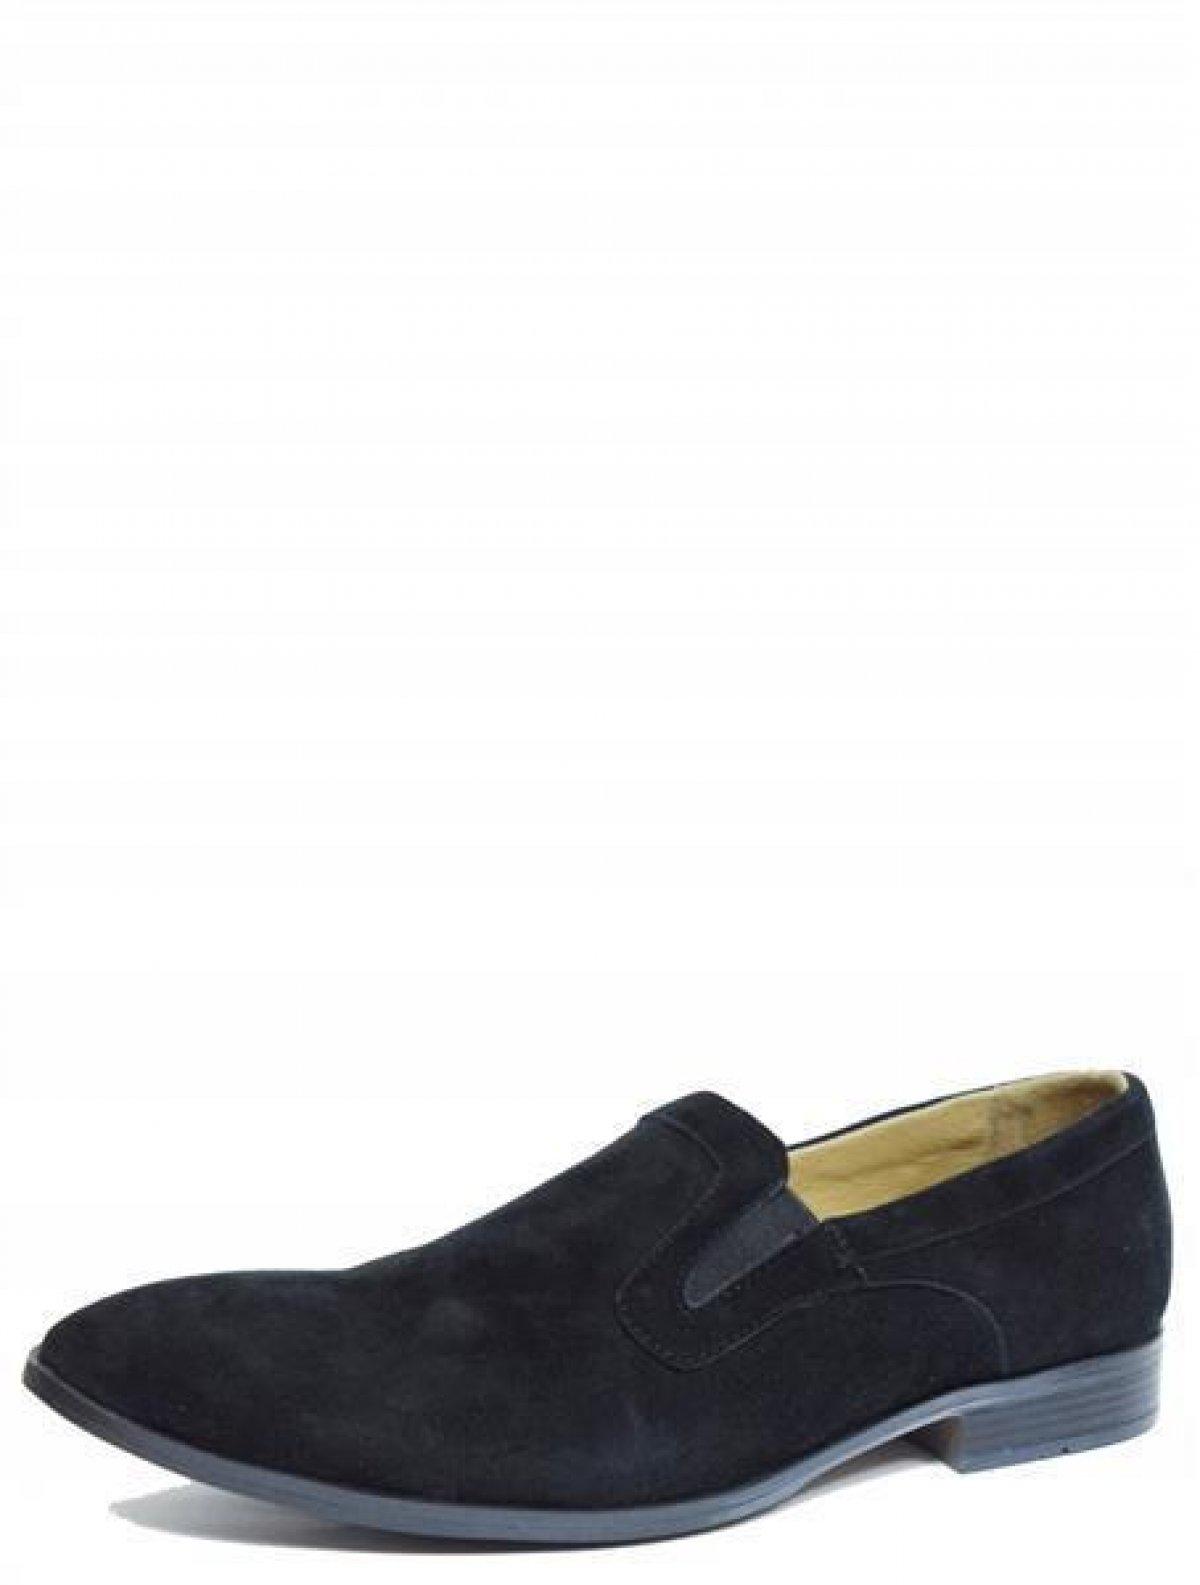 133103/V туфли мужские